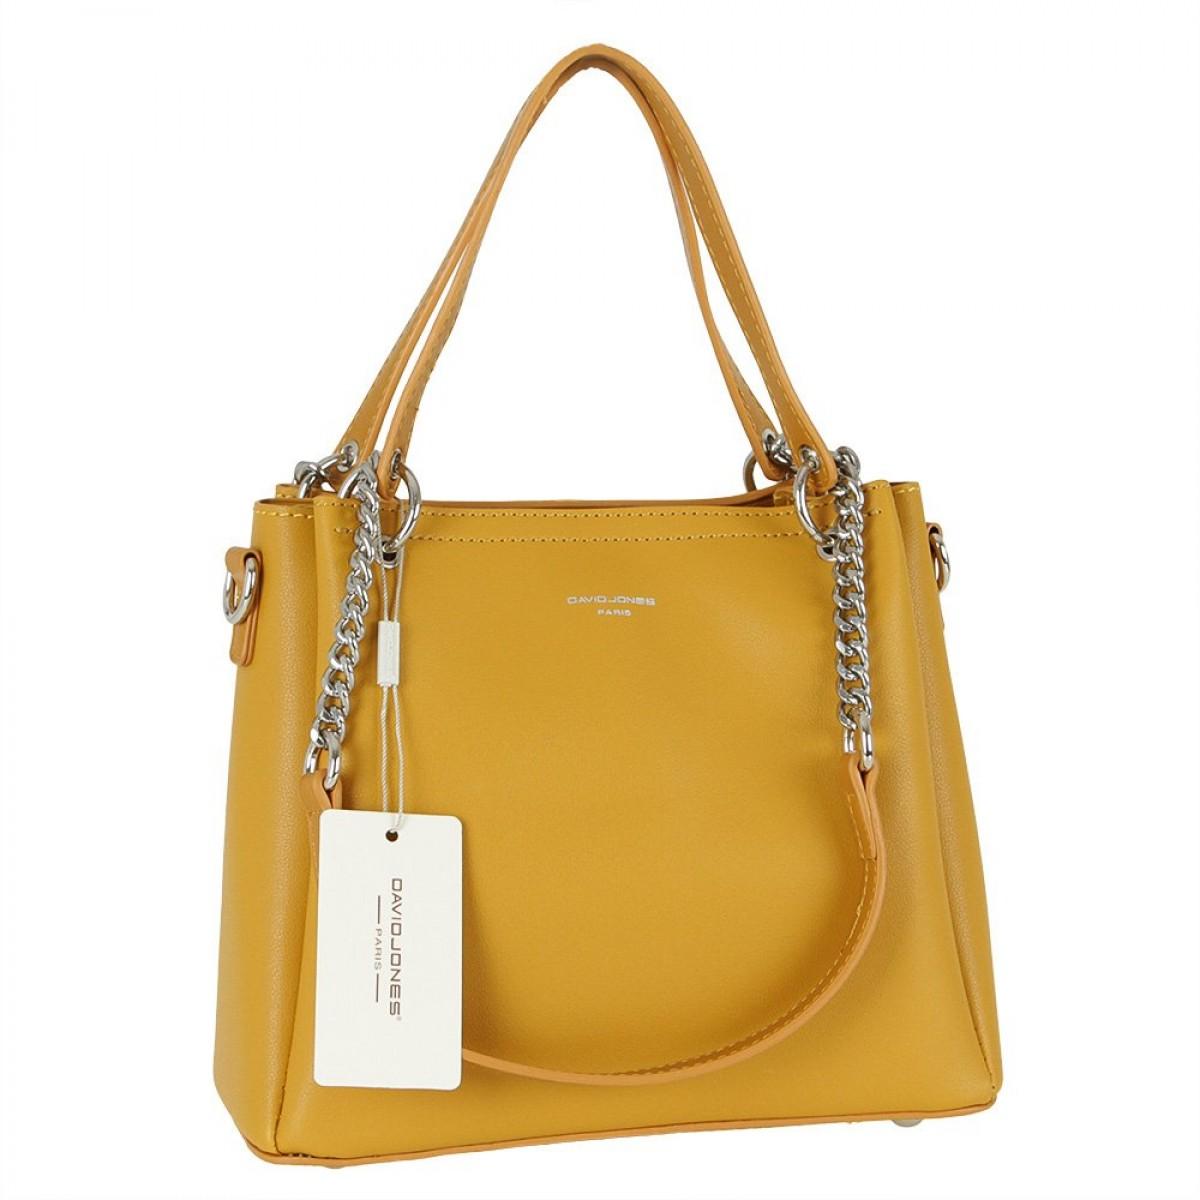 Жіноча сумка David Jones 6278-1 YELLOW